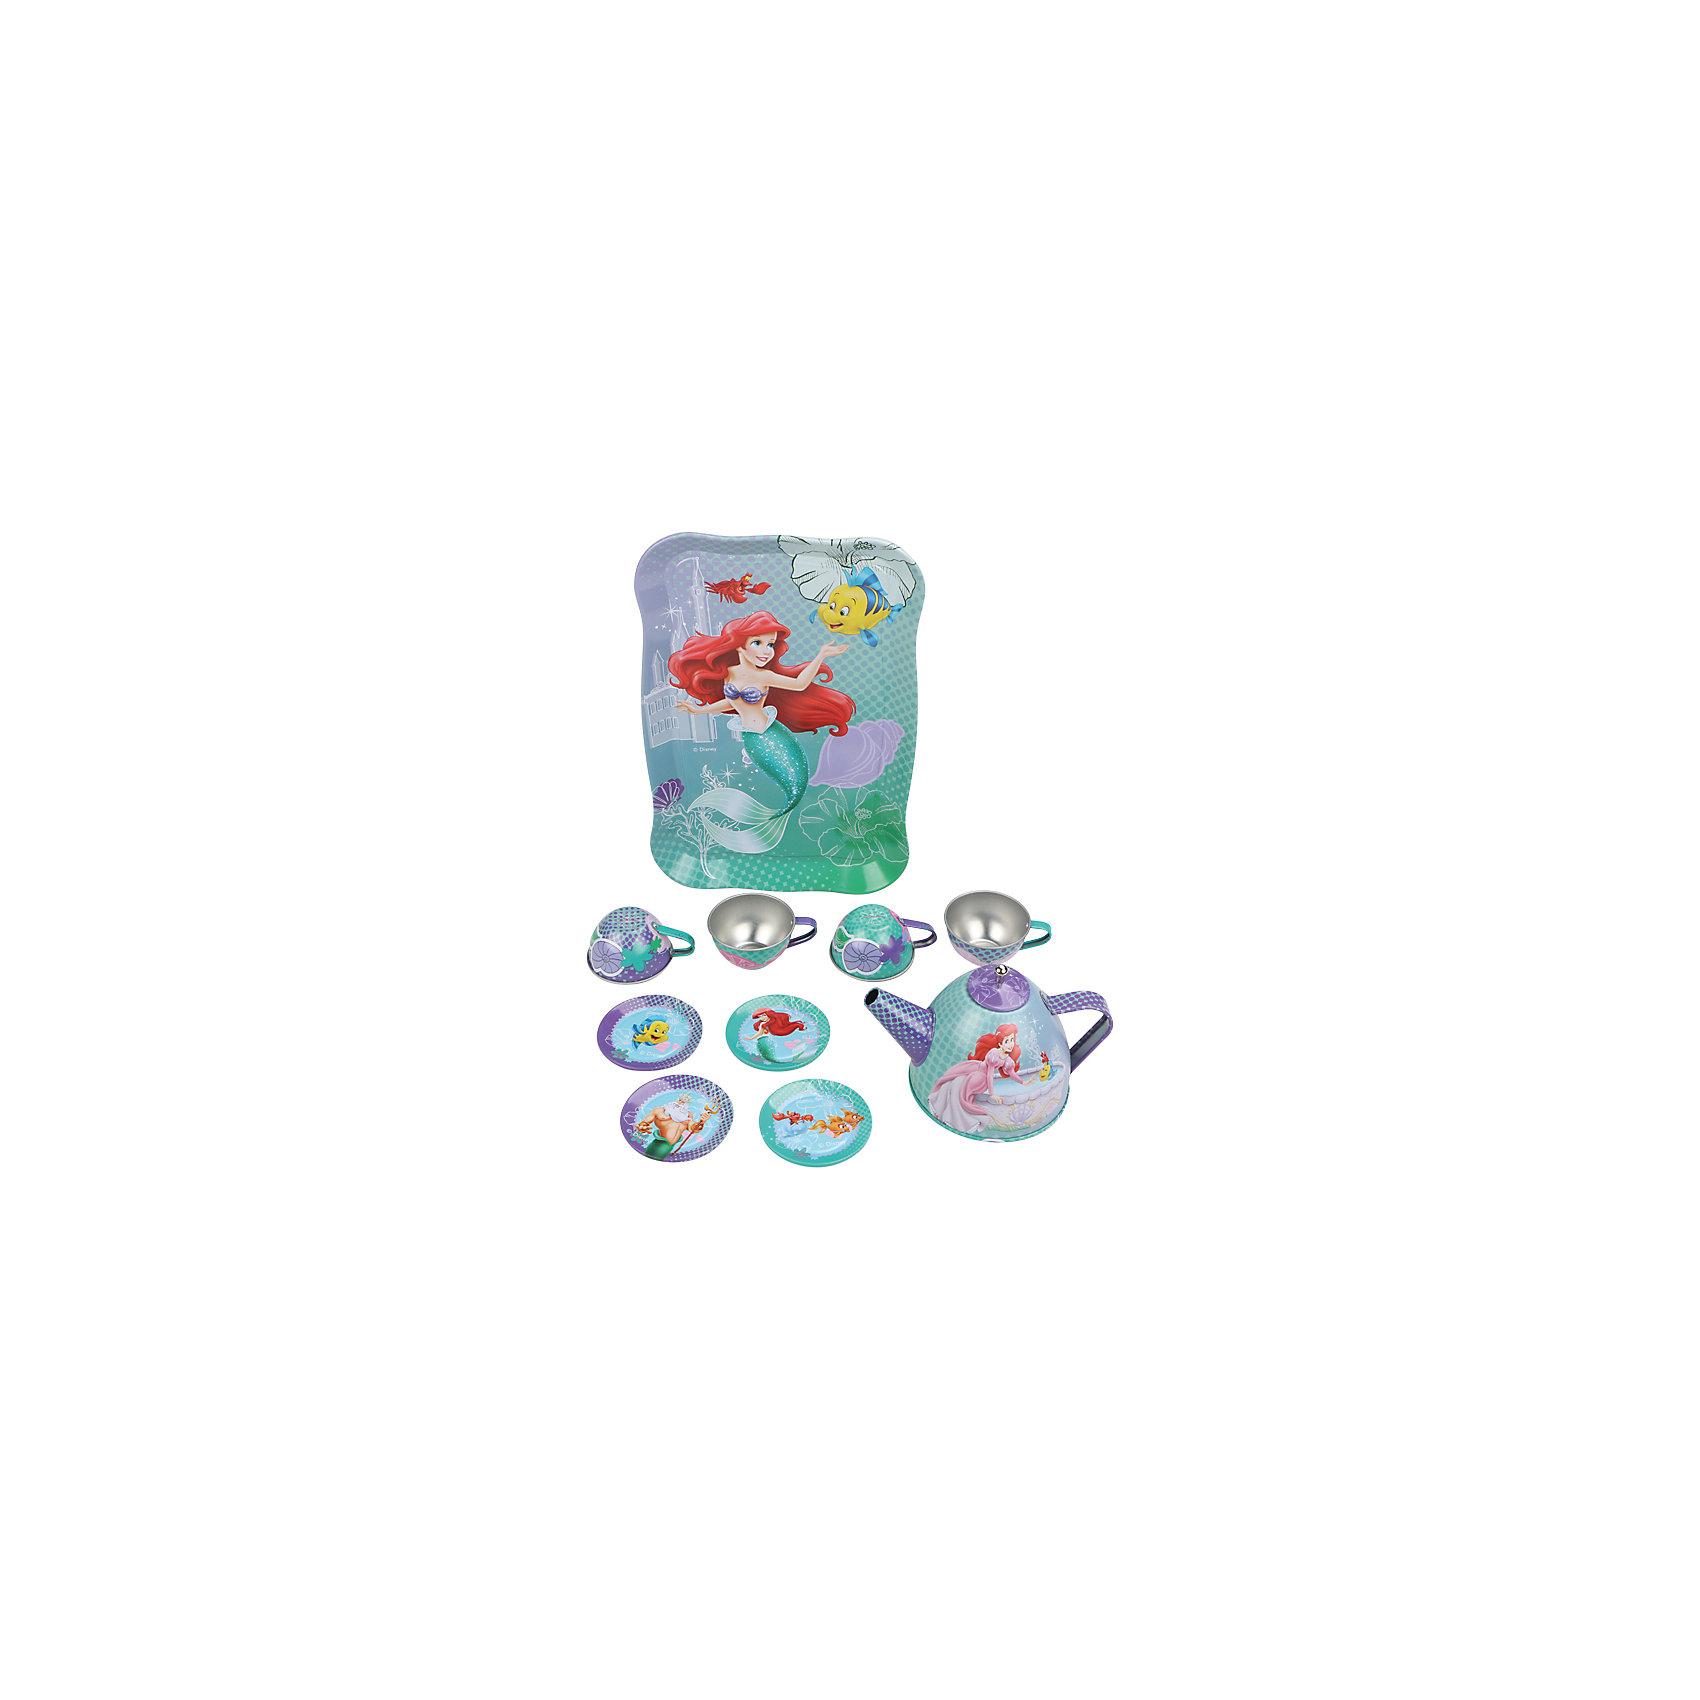 Набор чайной посуды Ариэль (11 предм., металл., в чемоданчике), Принцессы ДиснейГлавной особенностью набора является фирменное и красочное оформление, выполненное совместно с компанией Disney (Дисней). Каждый элемент тщательно проработан и детализирован – от упаковки до самого маленького блюдца.<br>Материал посуды – прочный, лёгкий металл, который не разобьётся во время игры.<br><br>Дополнительная информация:<br><br>Материал: металл<br>В набор чайной посуды Ариель входит 11 предметов: поднос, 4 блюдца, 4 чашки, чайник с крышкой<br><br>Набор чайной посуды Ариэль (11 предм., металл., в чемоданчике), Принцессы Дисней можно купить в нашем магазине.<br><br>Ширина мм: 260<br>Глубина мм: 20<br>Высота мм: 105<br>Вес г: 250<br>Возраст от месяцев: 36<br>Возраст до месяцев: 72<br>Пол: Женский<br>Возраст: Детский<br>SKU: 4590226